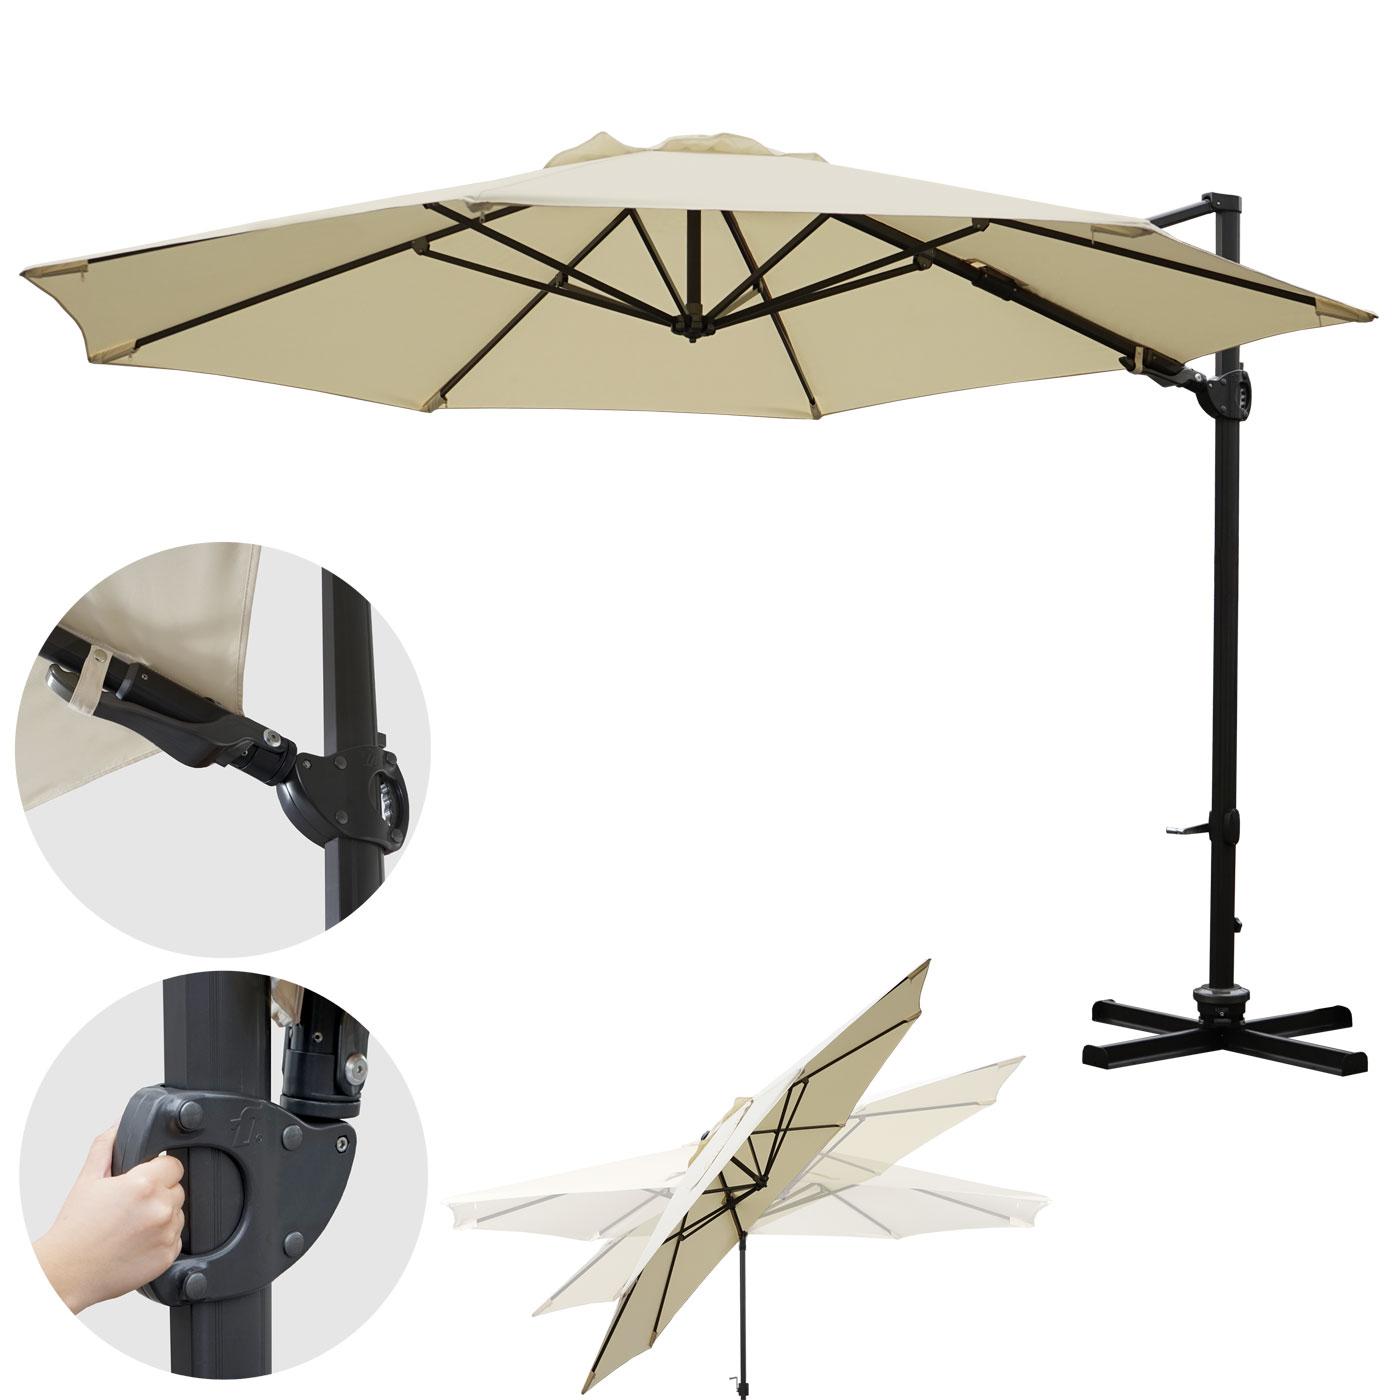 luxus ampelschirm aus holz gartenschirm und sonnenschirm holz heute. Black Bedroom Furniture Sets. Home Design Ideas